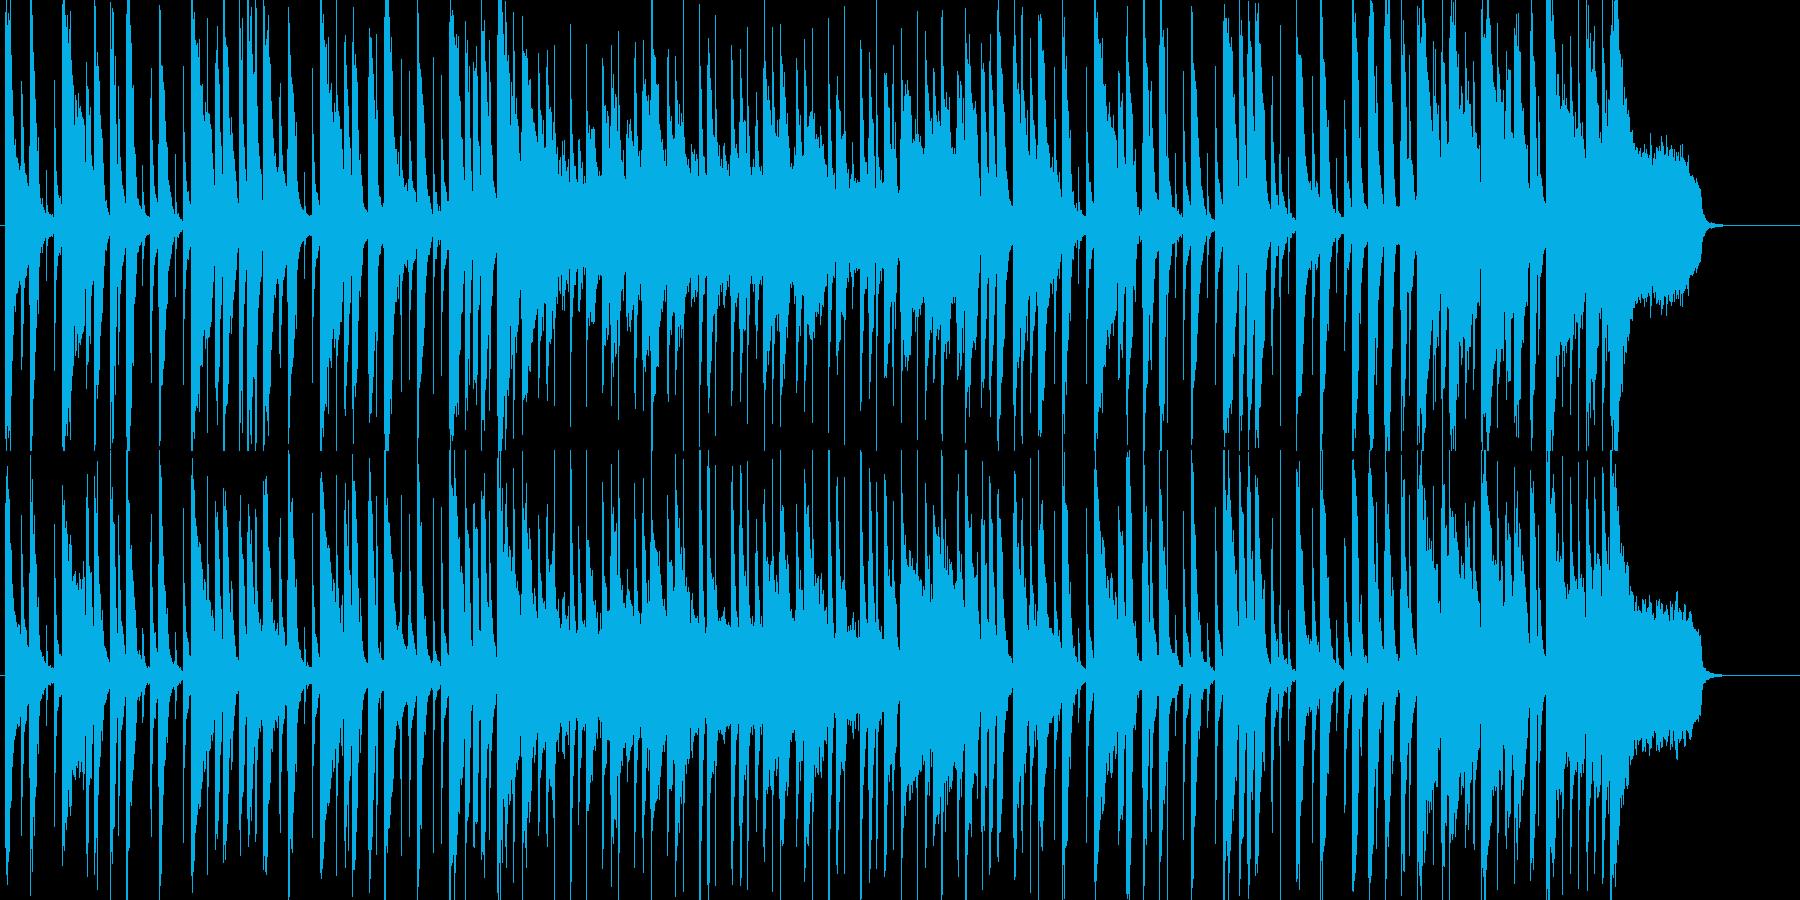 オープニングにぴったりのいきいきポップスの再生済みの波形